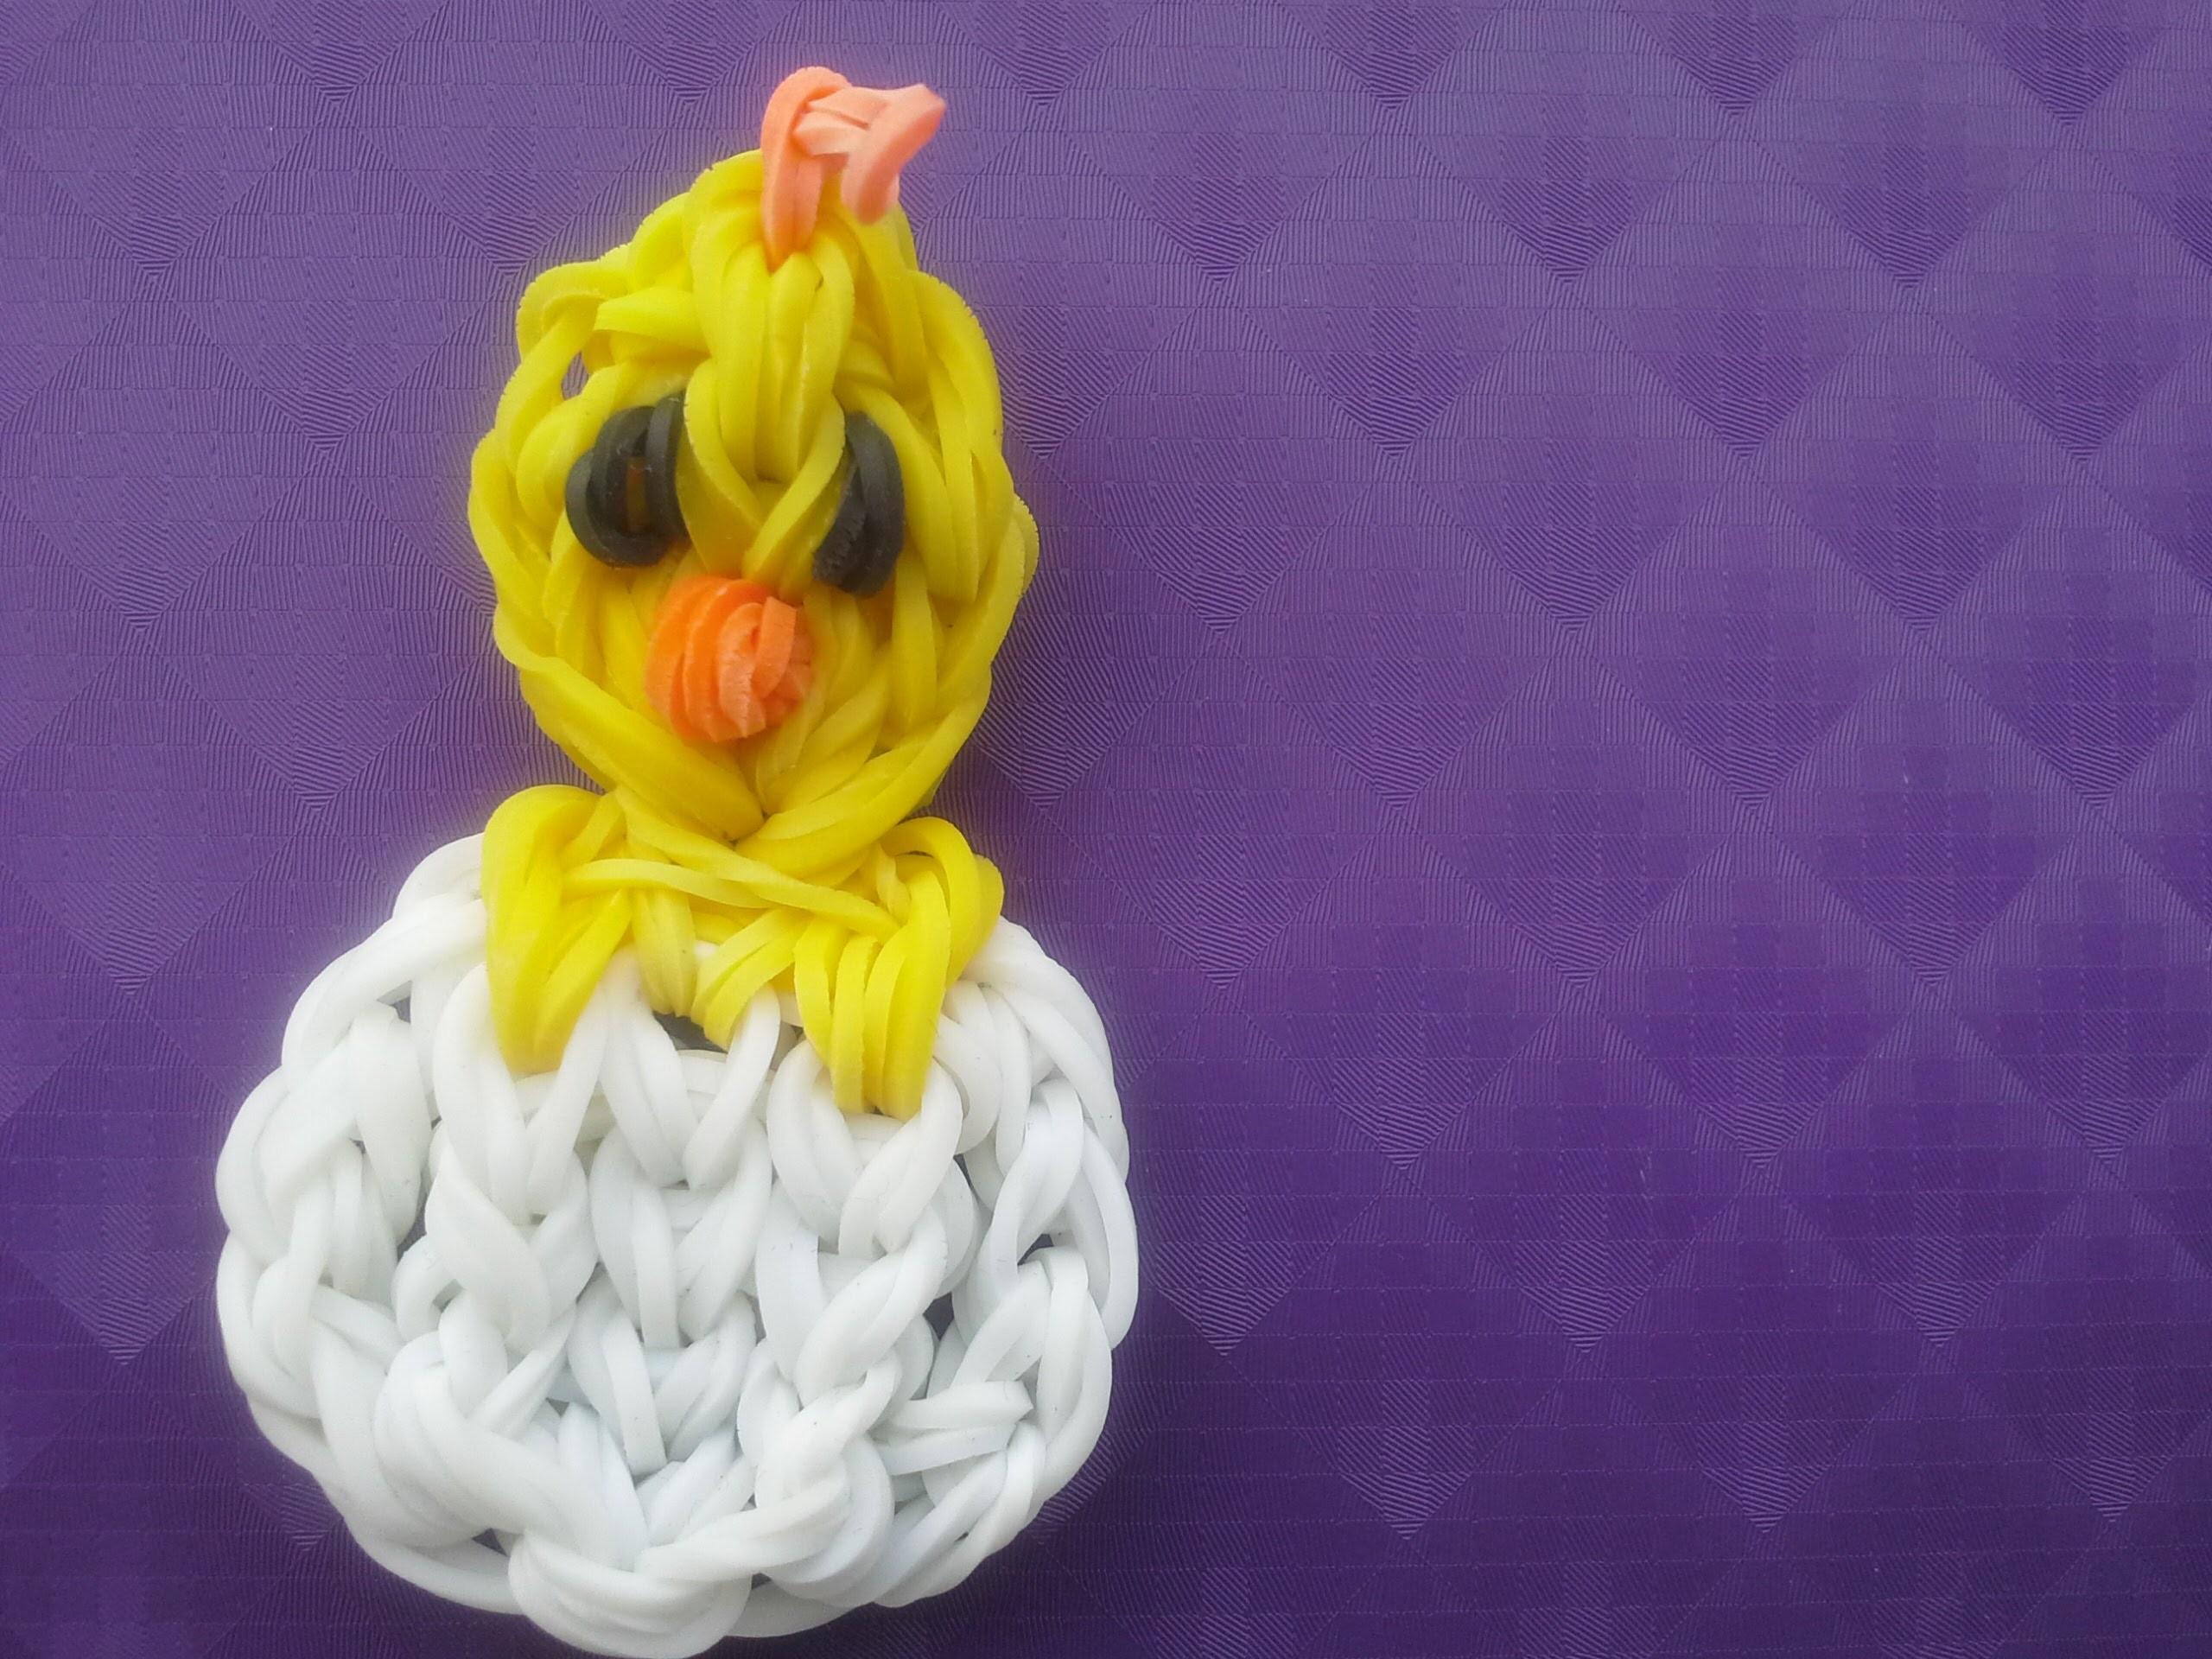 Bébe canard  ou poussin dans sa coquille en élastique fait avec le cra-z-loom ou rainbow loom